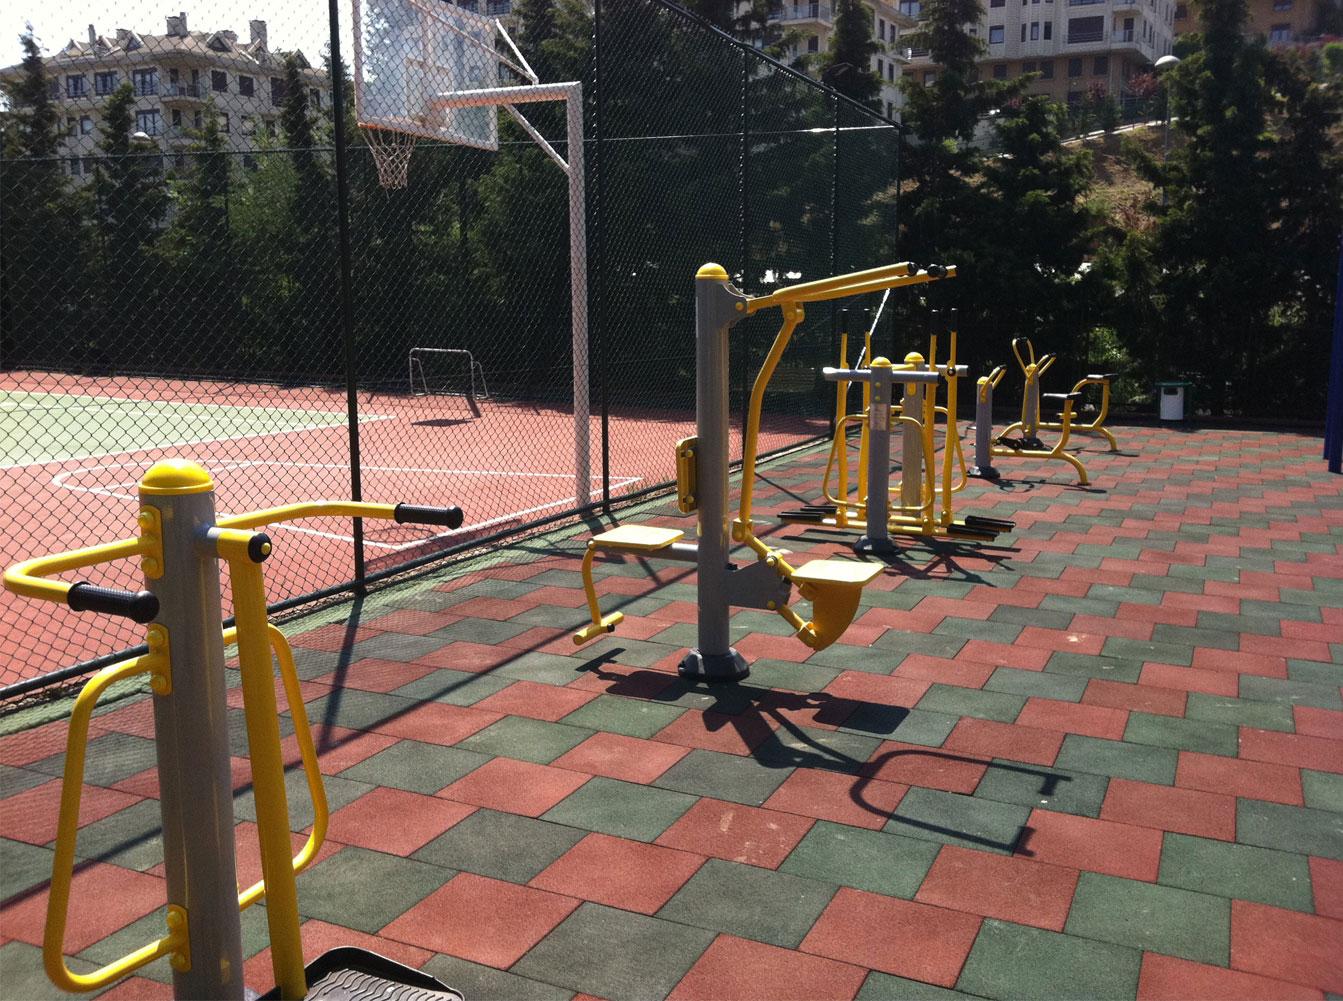 Açık alan park kondisyon spor ekipmanları fitness